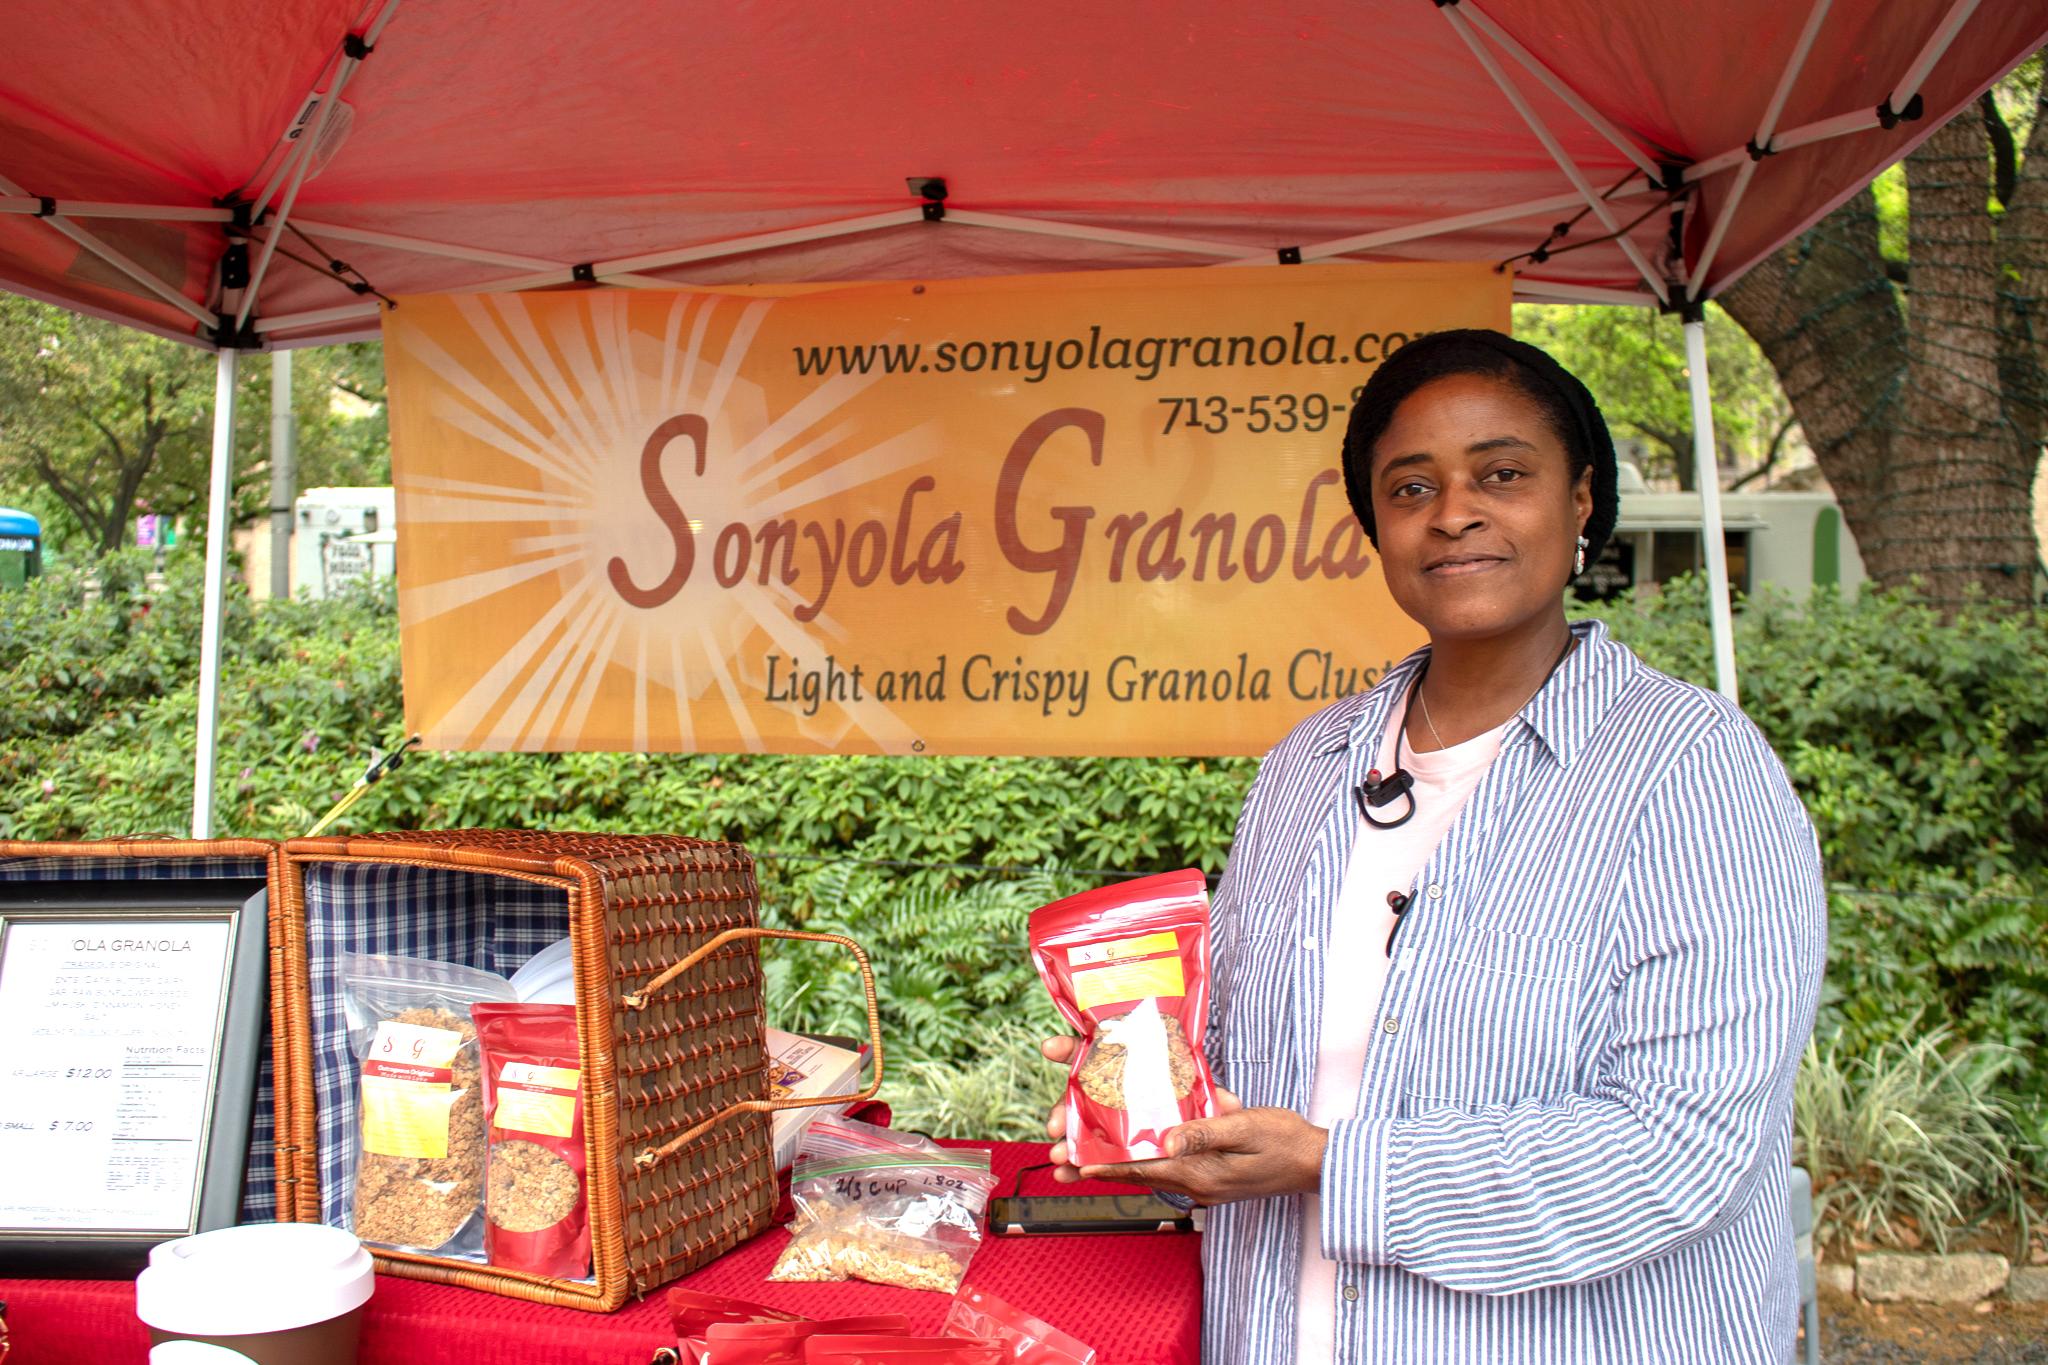 Sonyola Granola